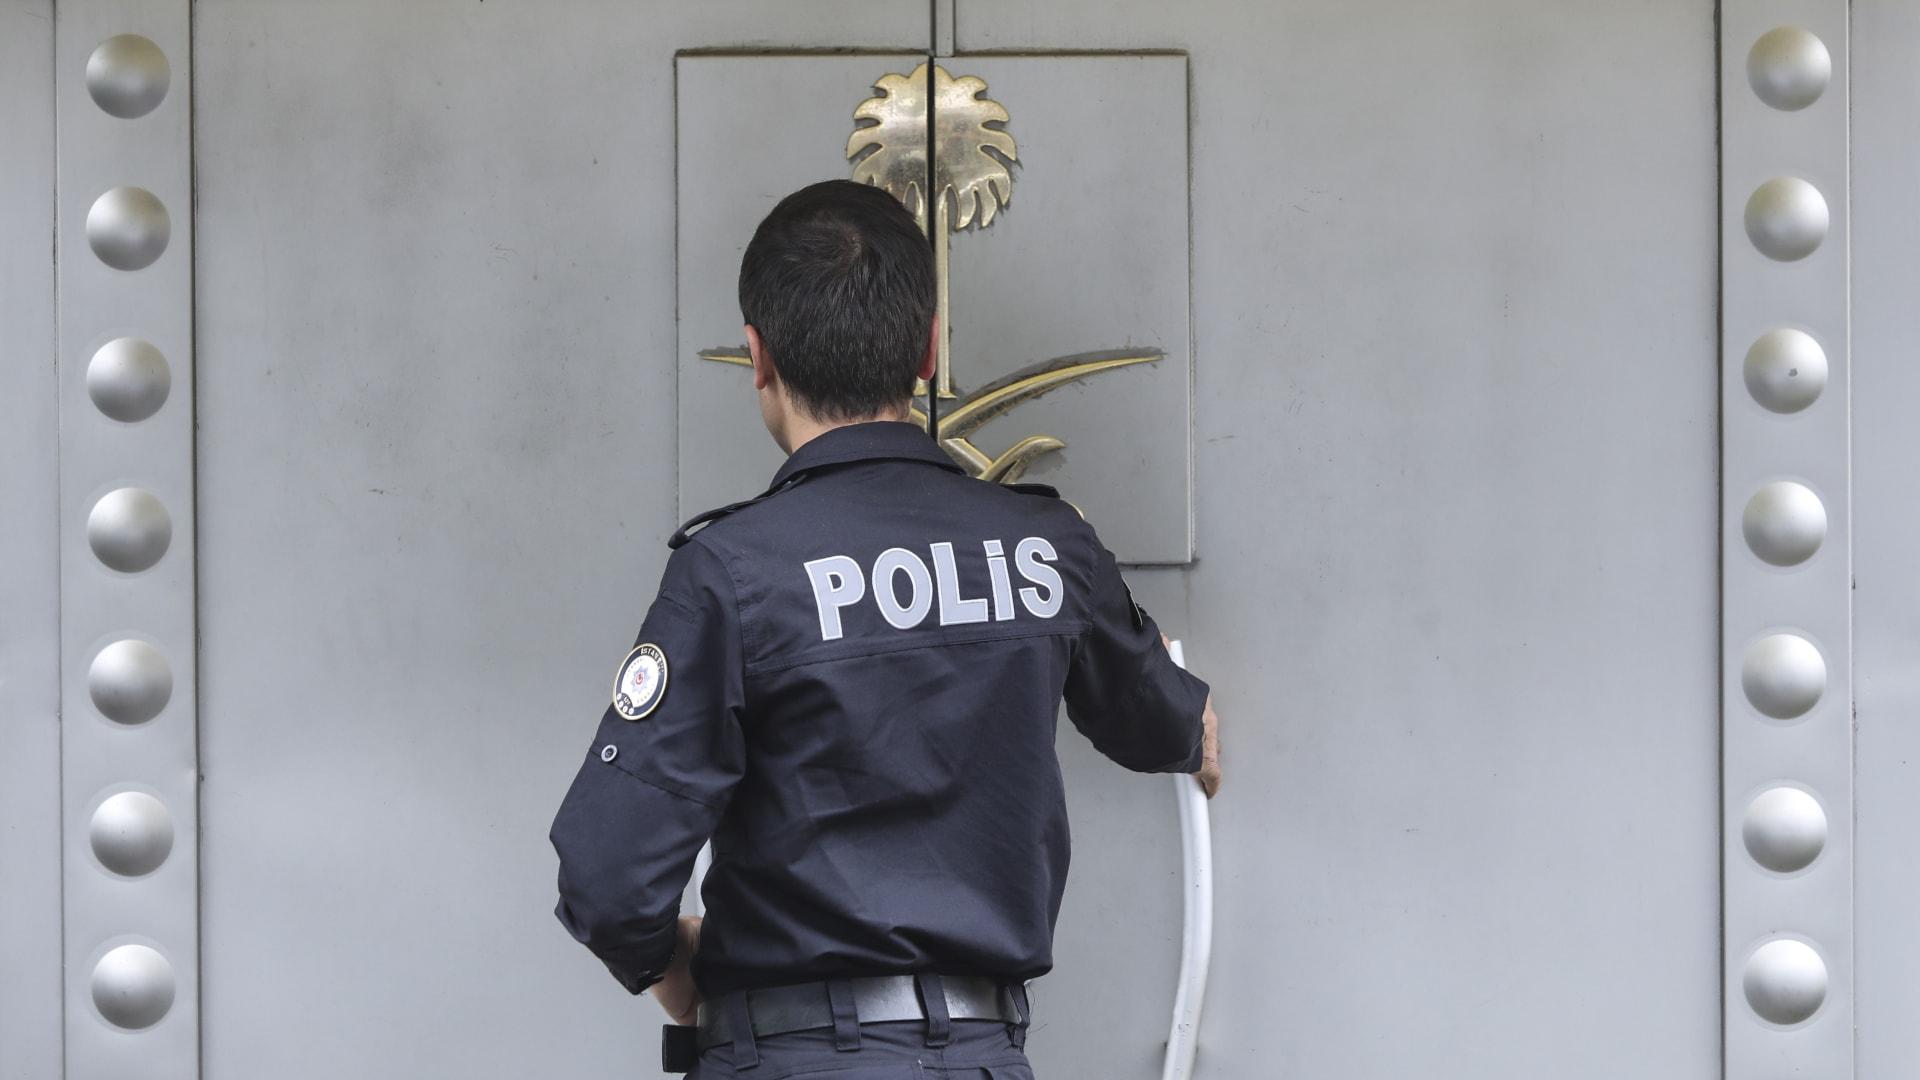 بنس عن اختفاء خاشقجي: يجب معرفة المسؤولين ومحاسبتهم